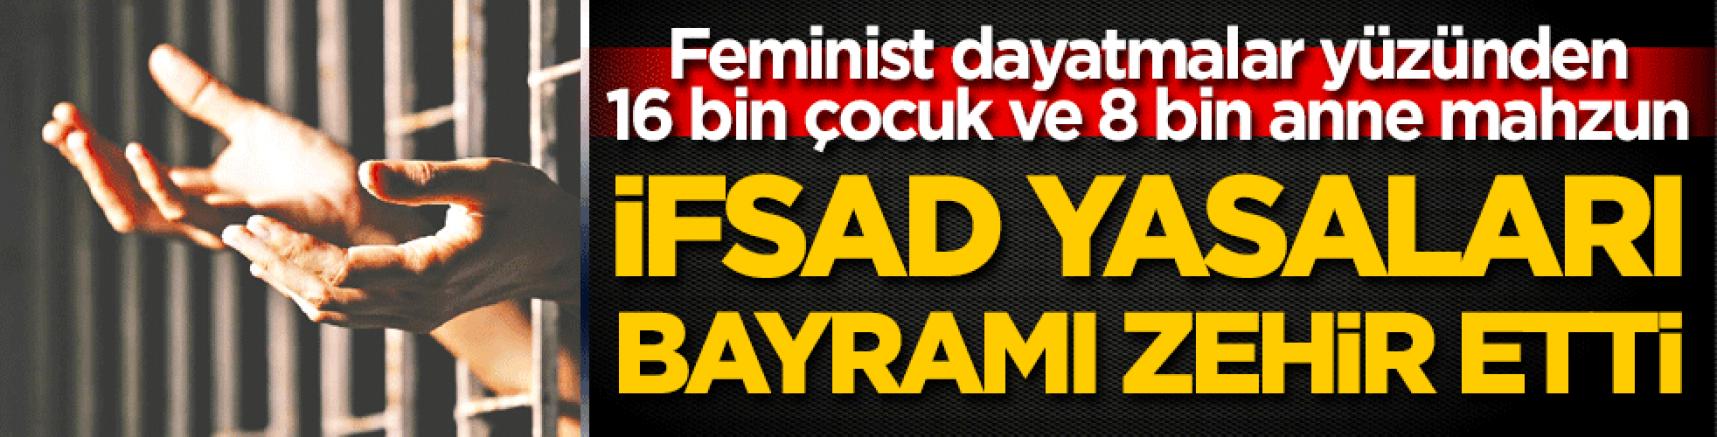 Feministler eline kına yaksın,16 bin çocuk ve 8 bin anne mahzun kaldı